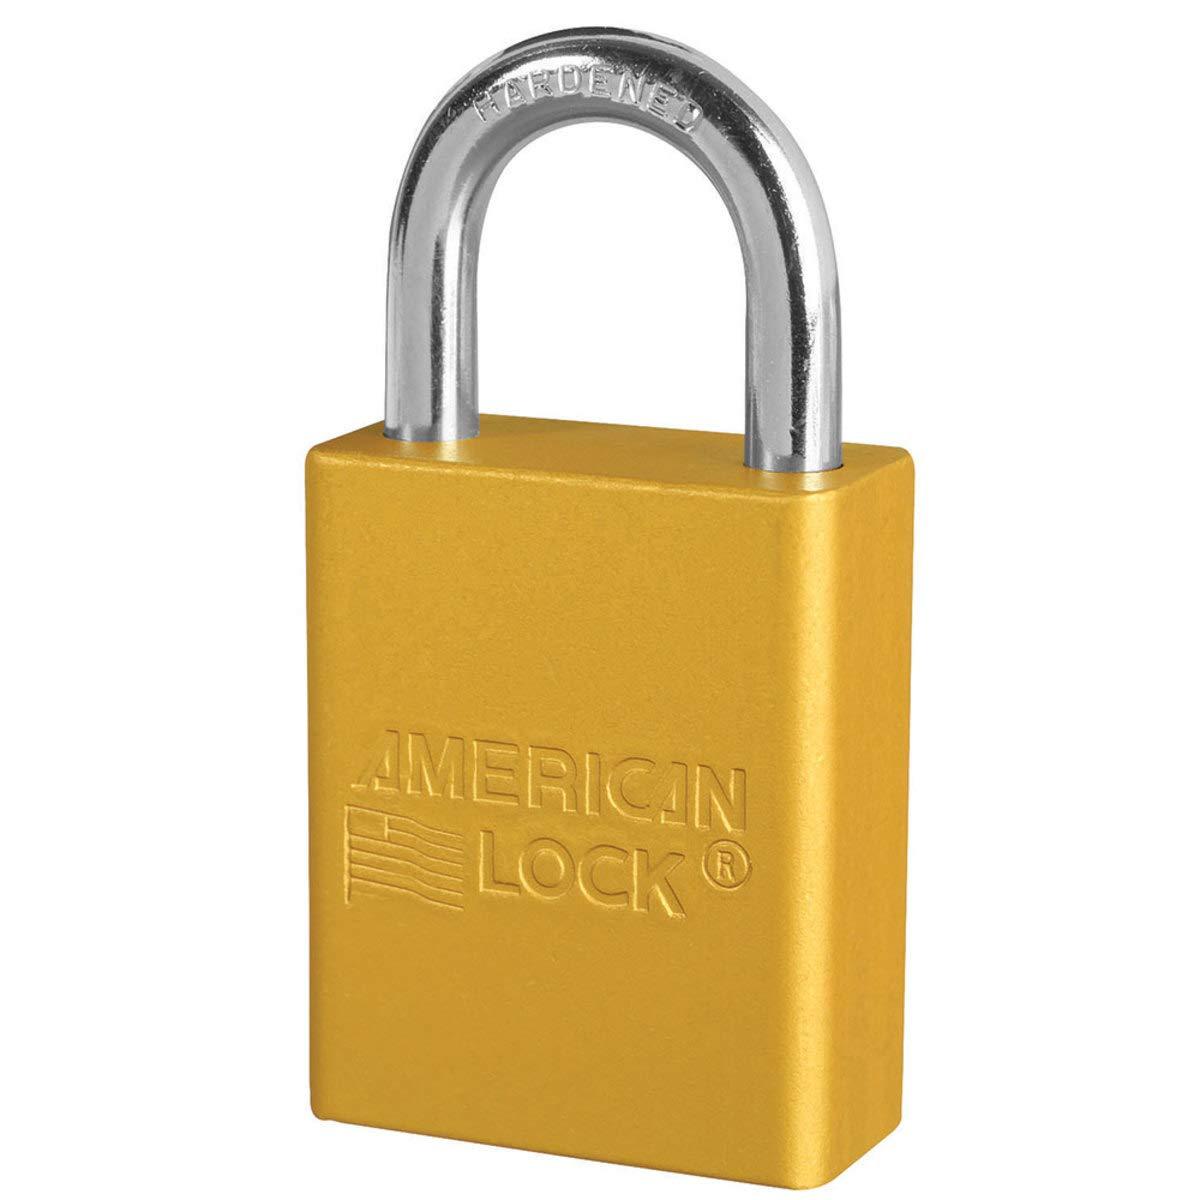 American Lock Yellow Anodized Aluminum Lifeguard 6 Pin Tumbler Padlock Boron Alloy Shackle